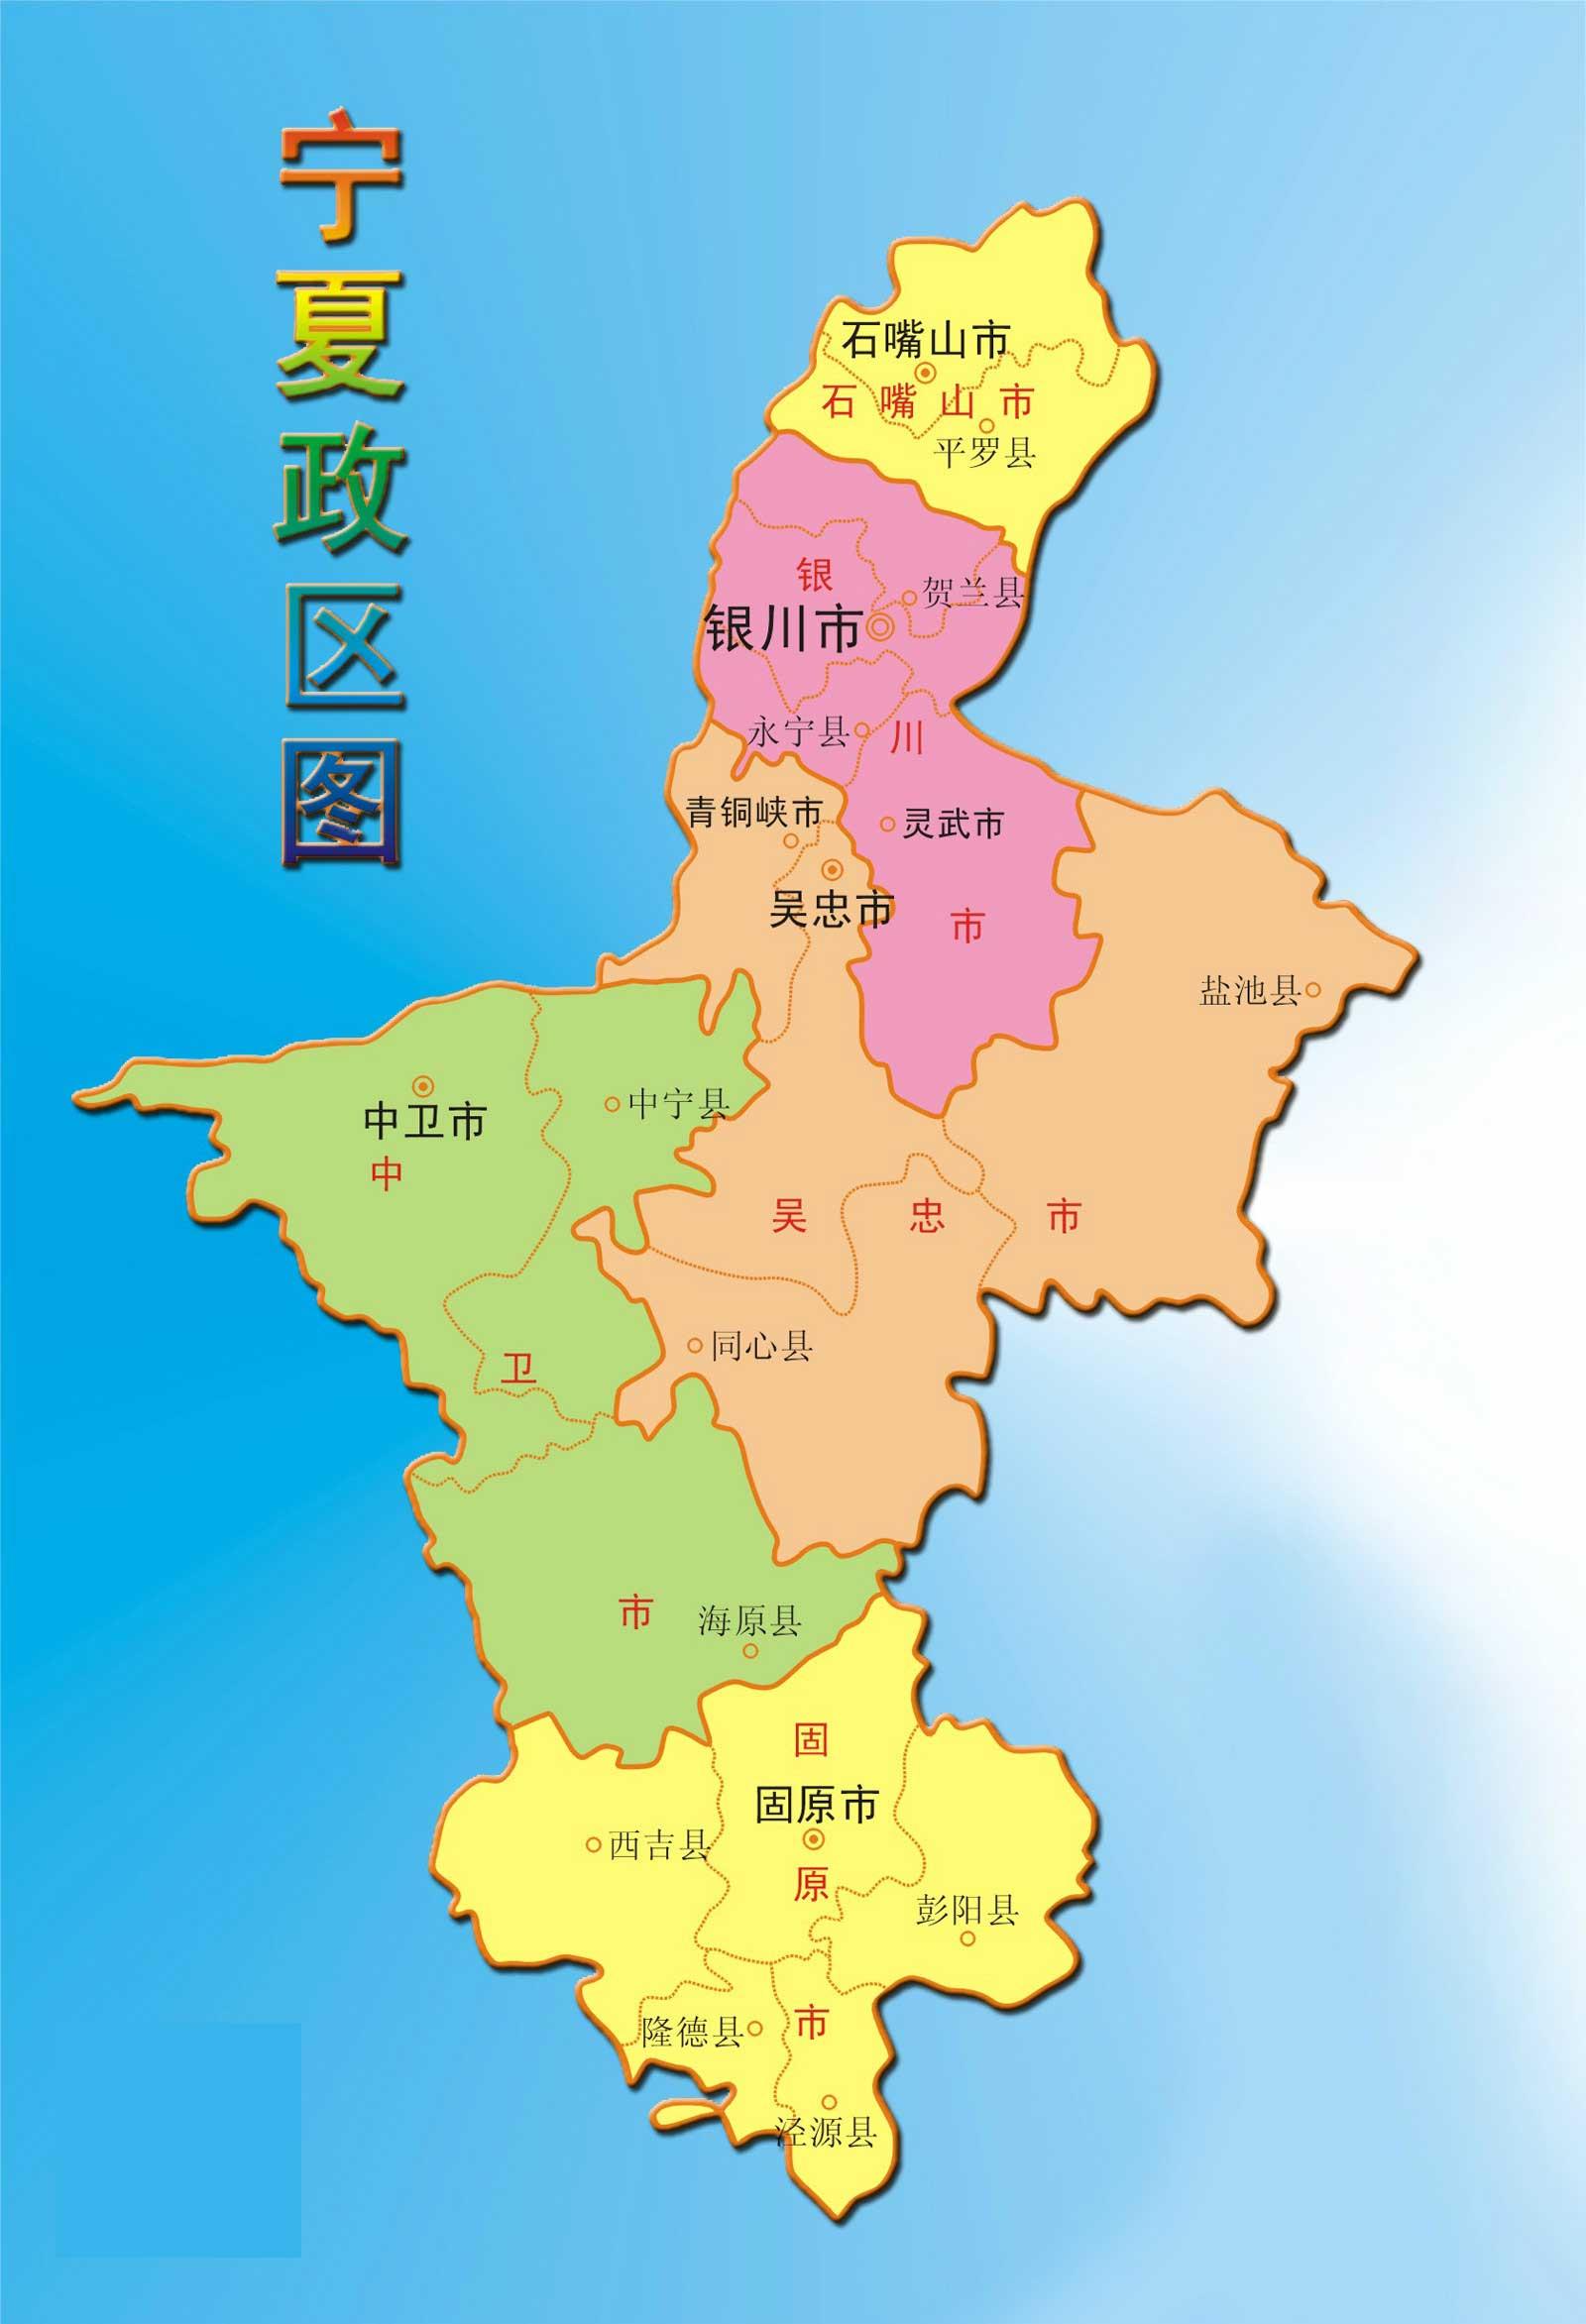 宁夏行政区域简图_宁夏地图库_地图窝